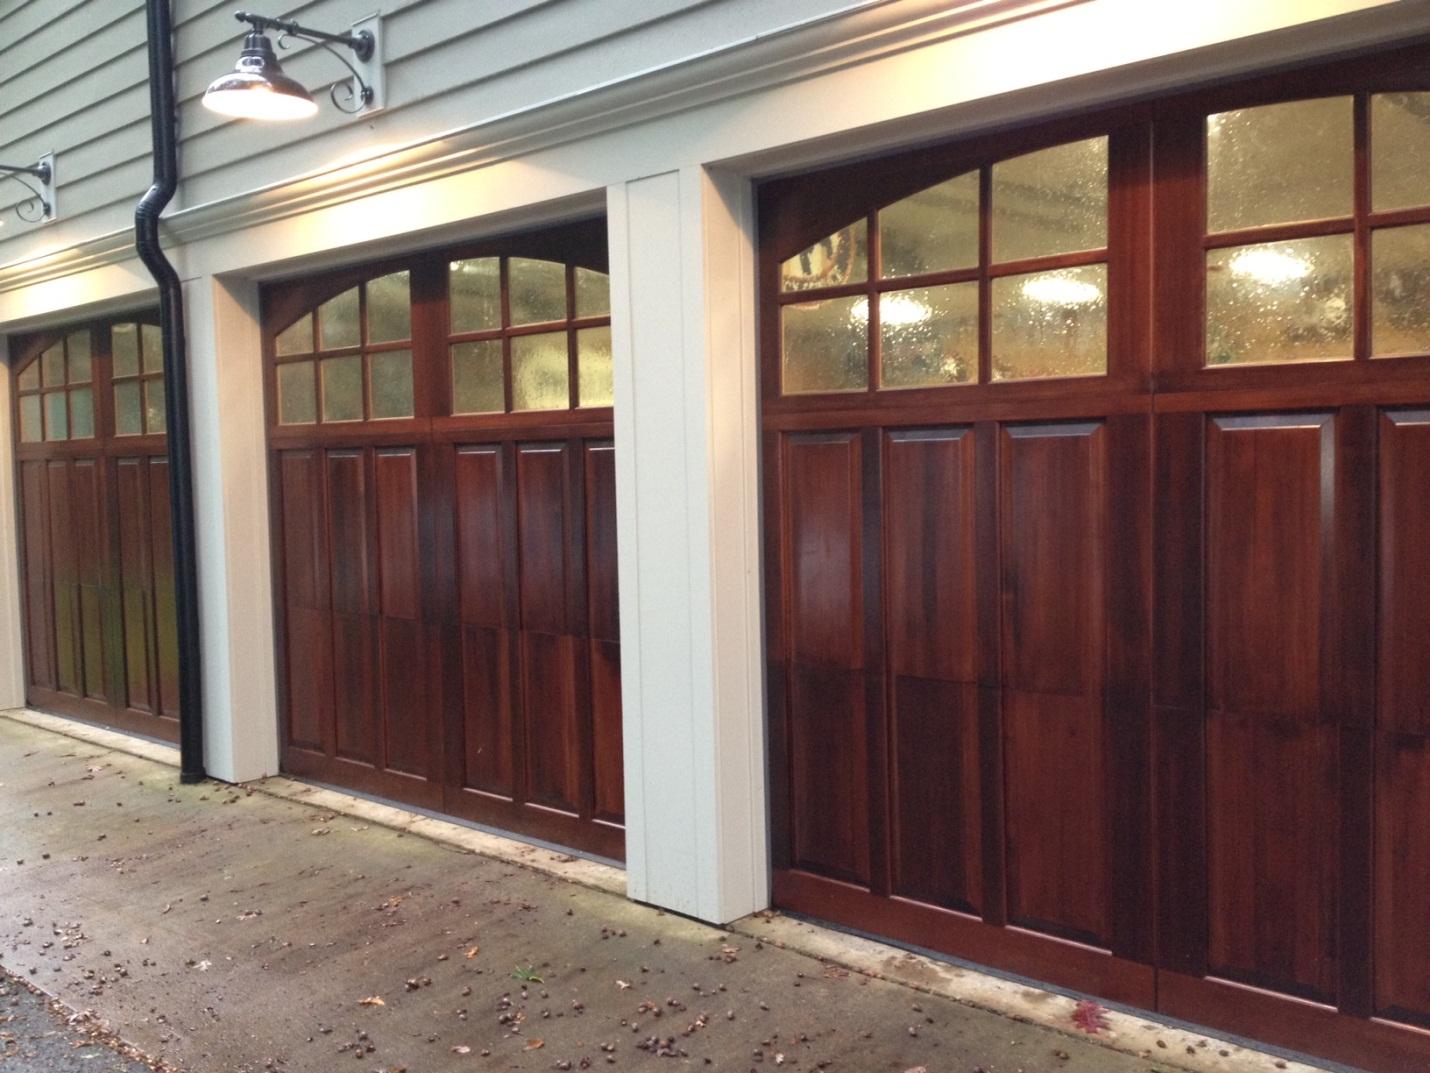 Portones de garaje con sistemas automatizados puertas de garaje en madrid Portones de garaje